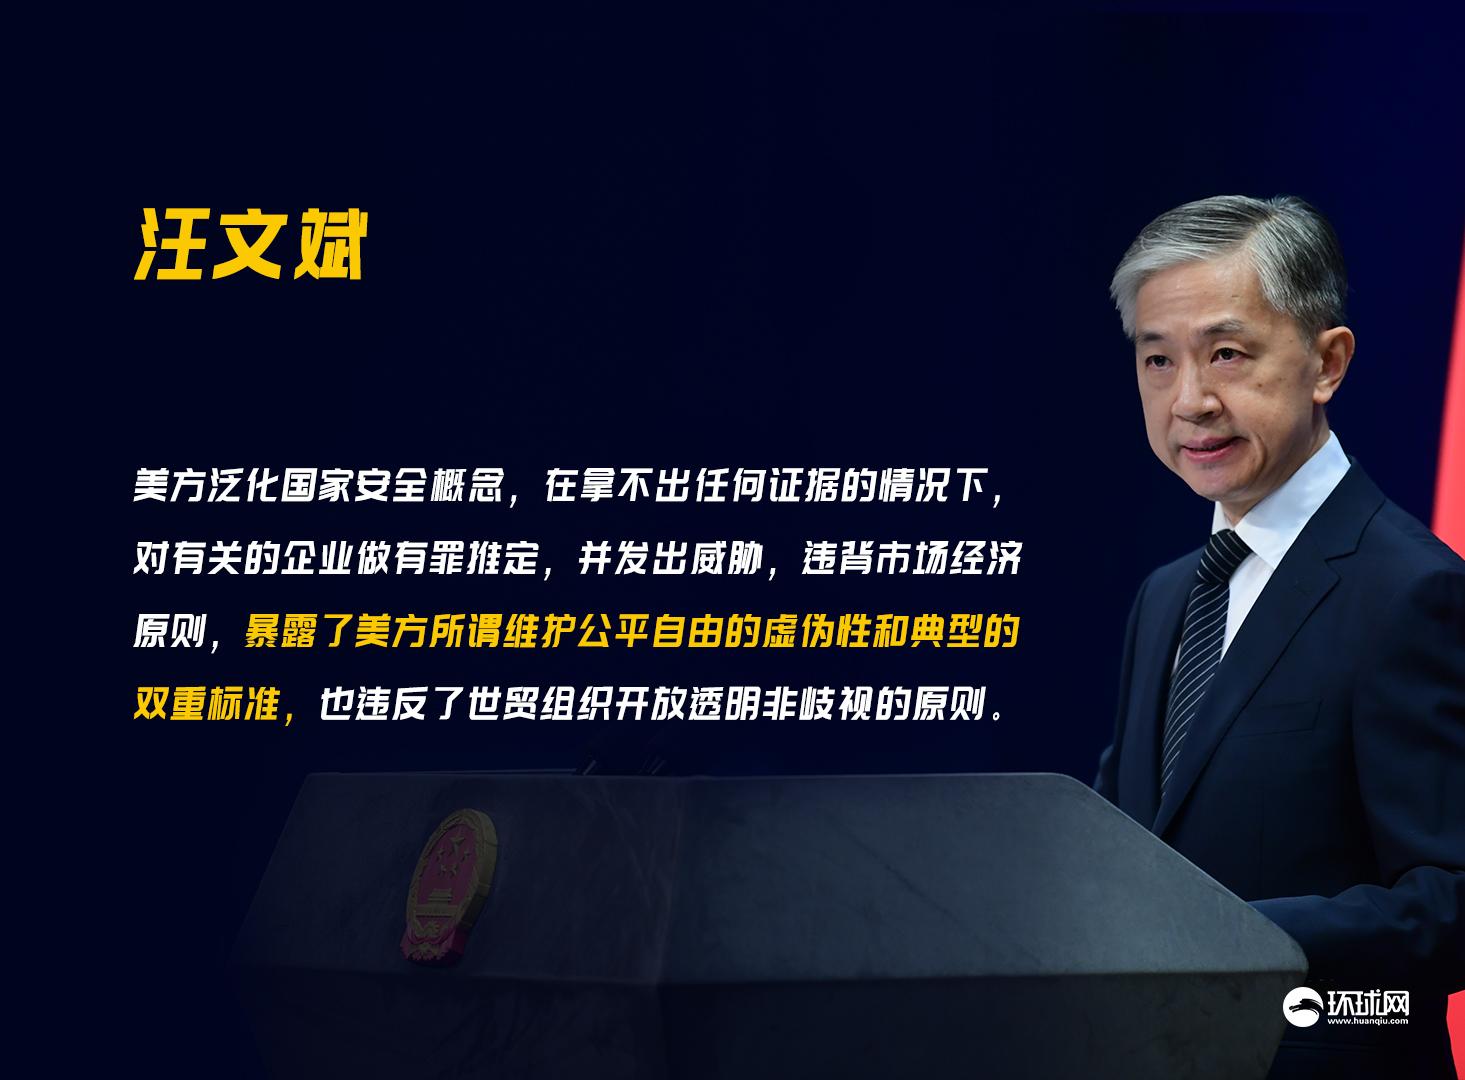 【威海中文字幕免费视频线路1】_美国将宣布对TikTok等中国软件采取措施,外交部回应